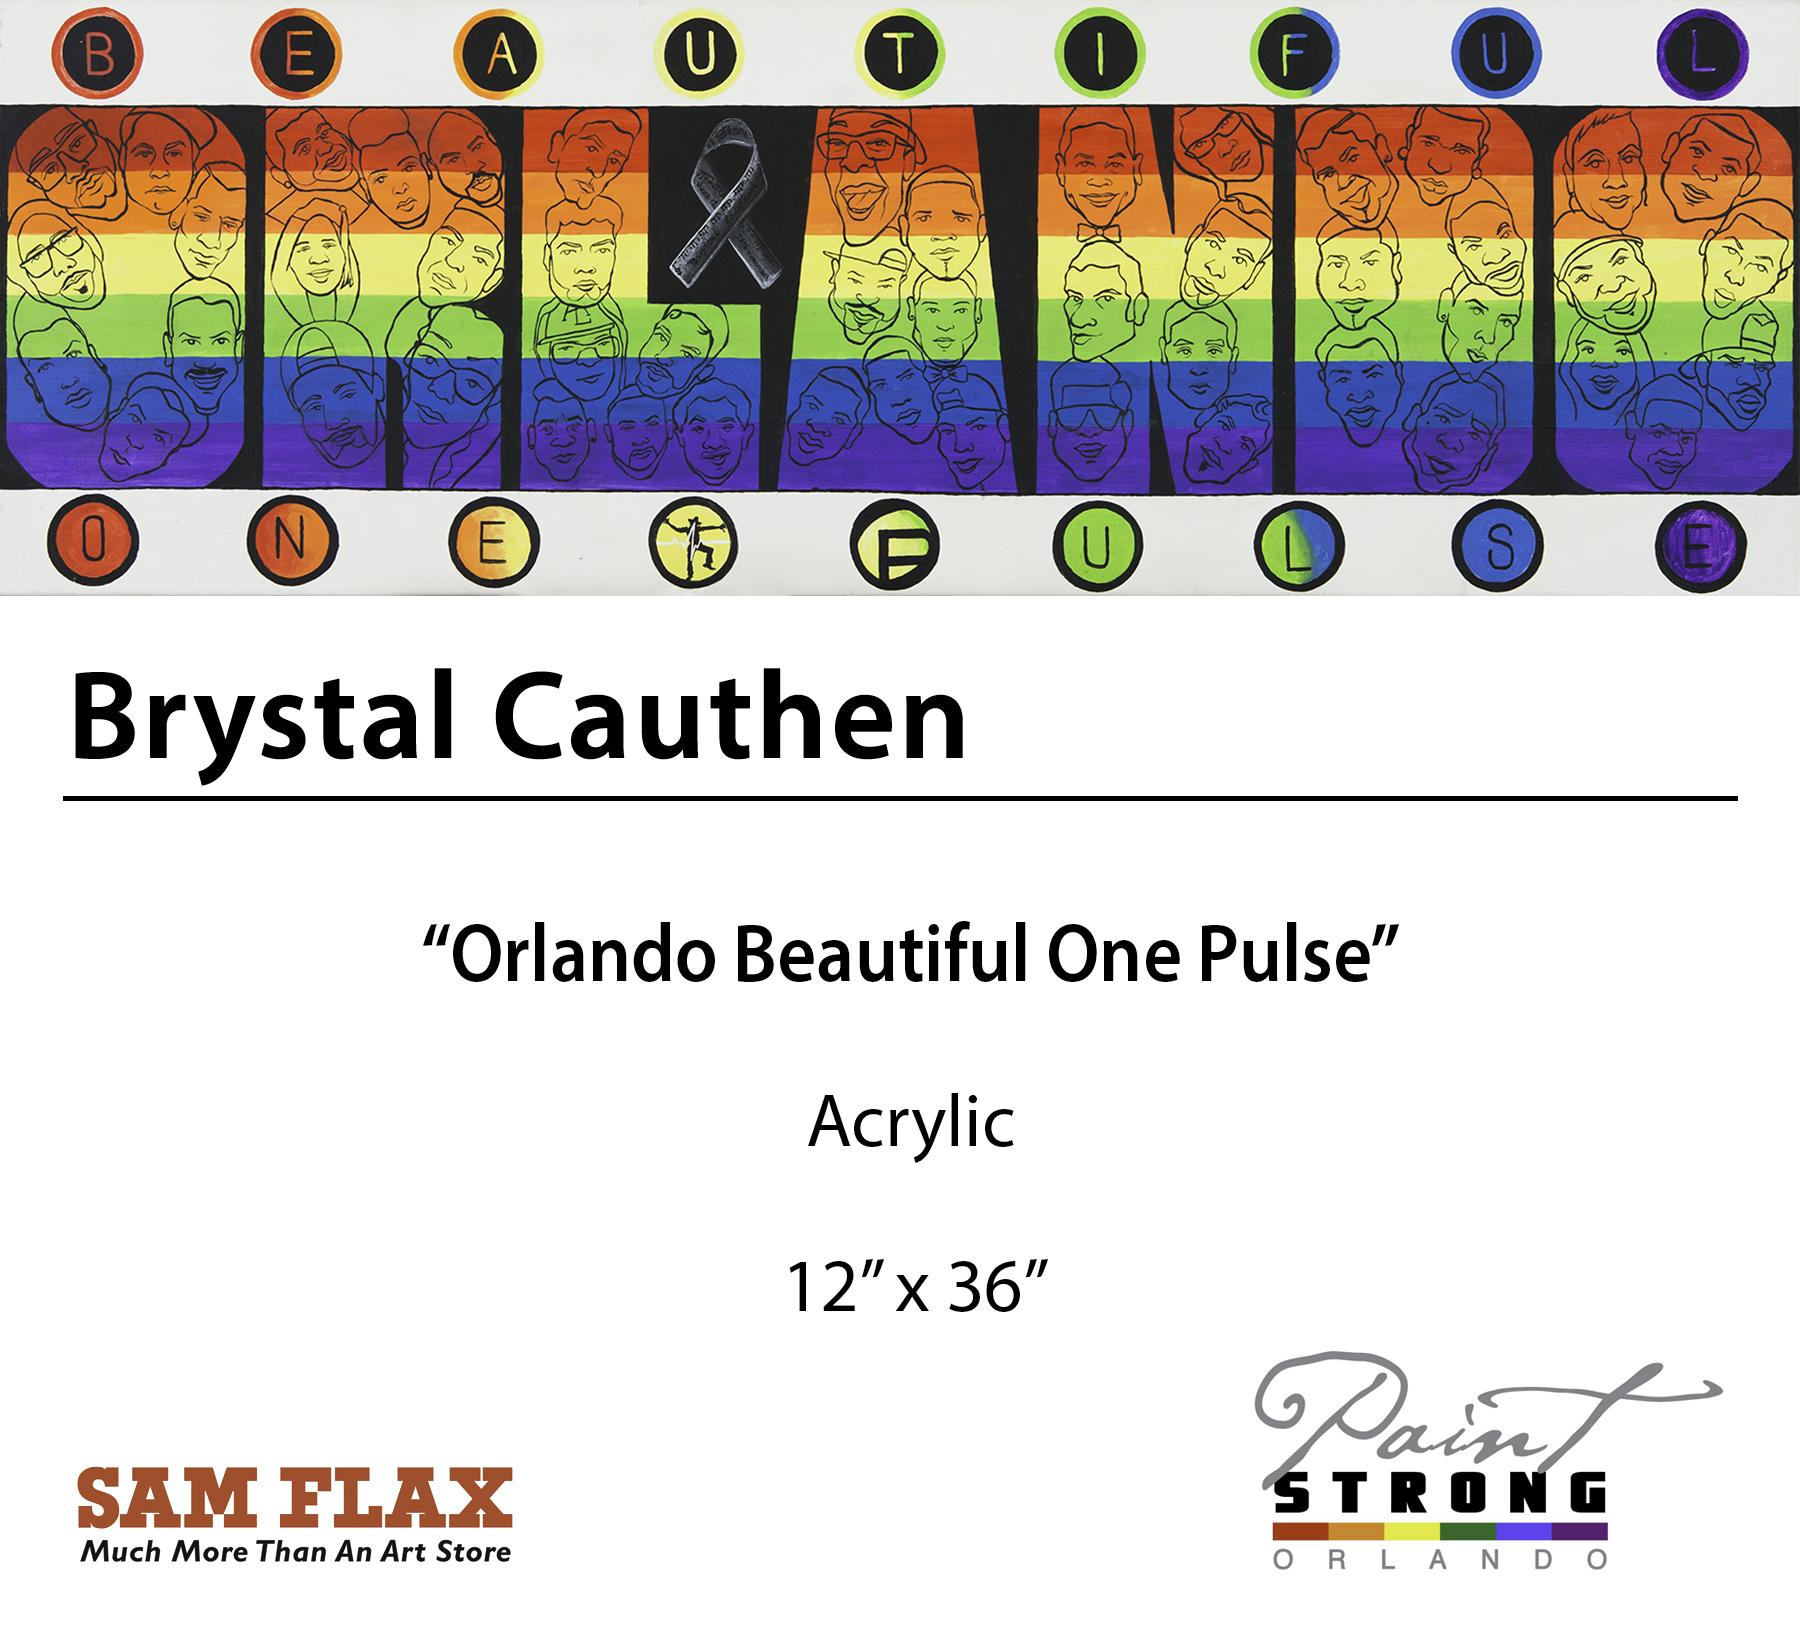 Brystal Cauthen